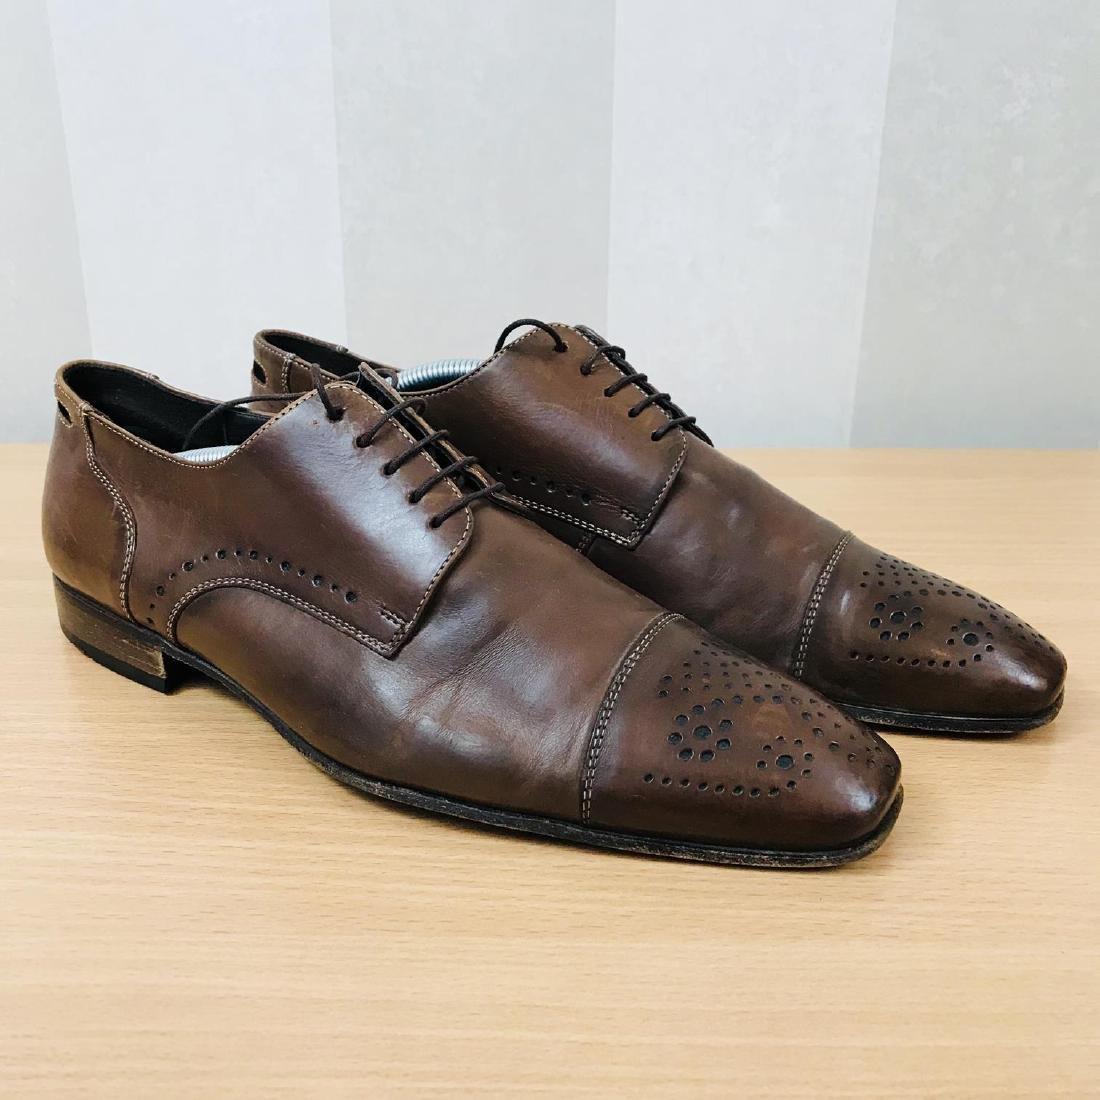 Vintage Men's LLOYD Leather Shoes Size EUR 41 US 8 - 2